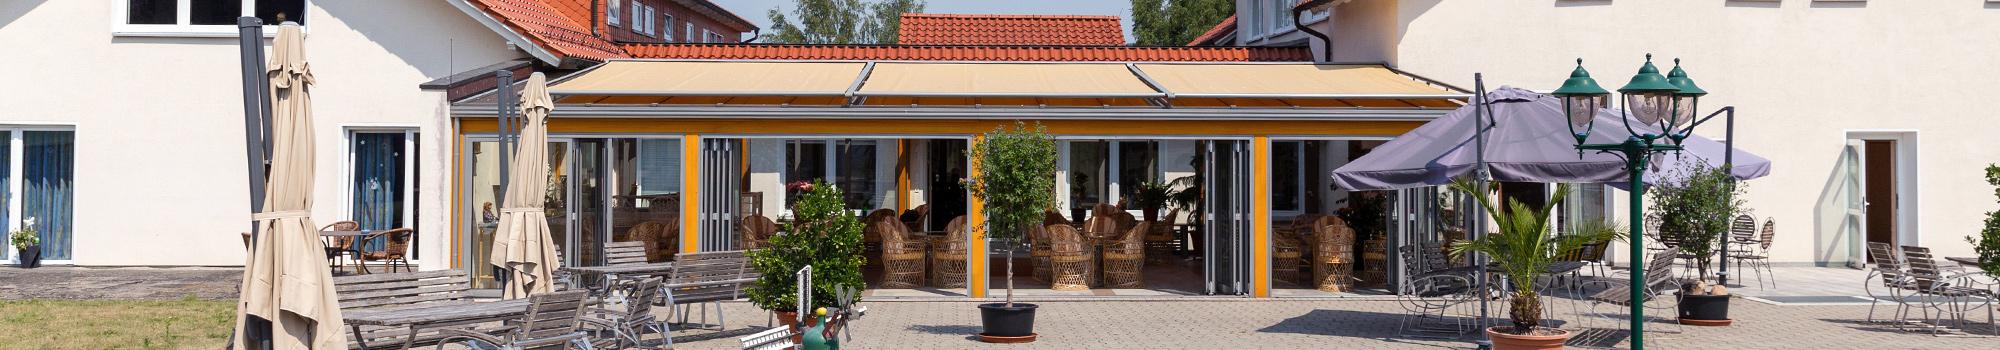 Seniorenheim Auetal in Kalefeld-Echte